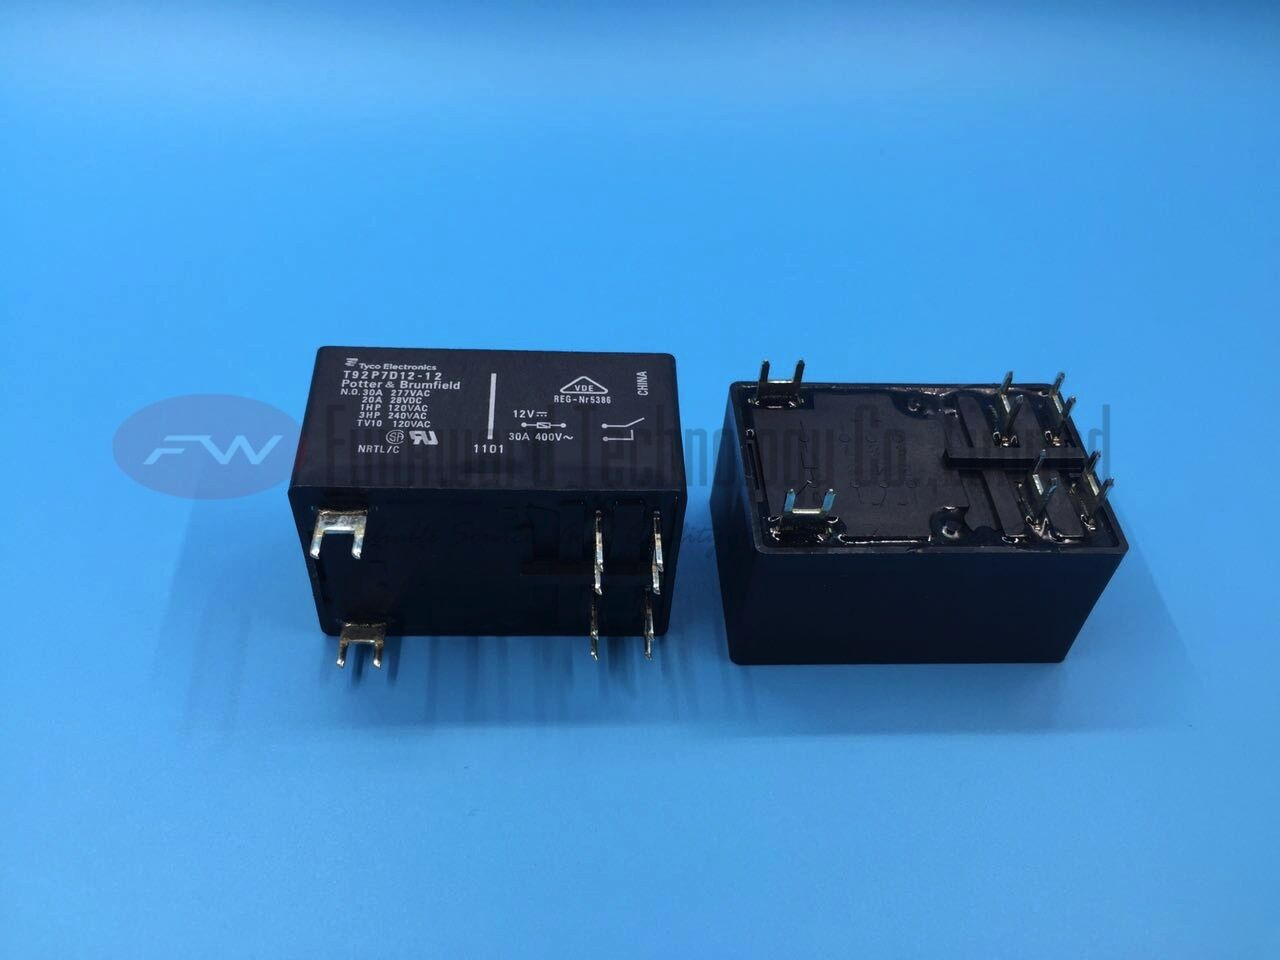 T92P7D12-12 Power Relay 30A 12VDC 6 Pins x 2pcs